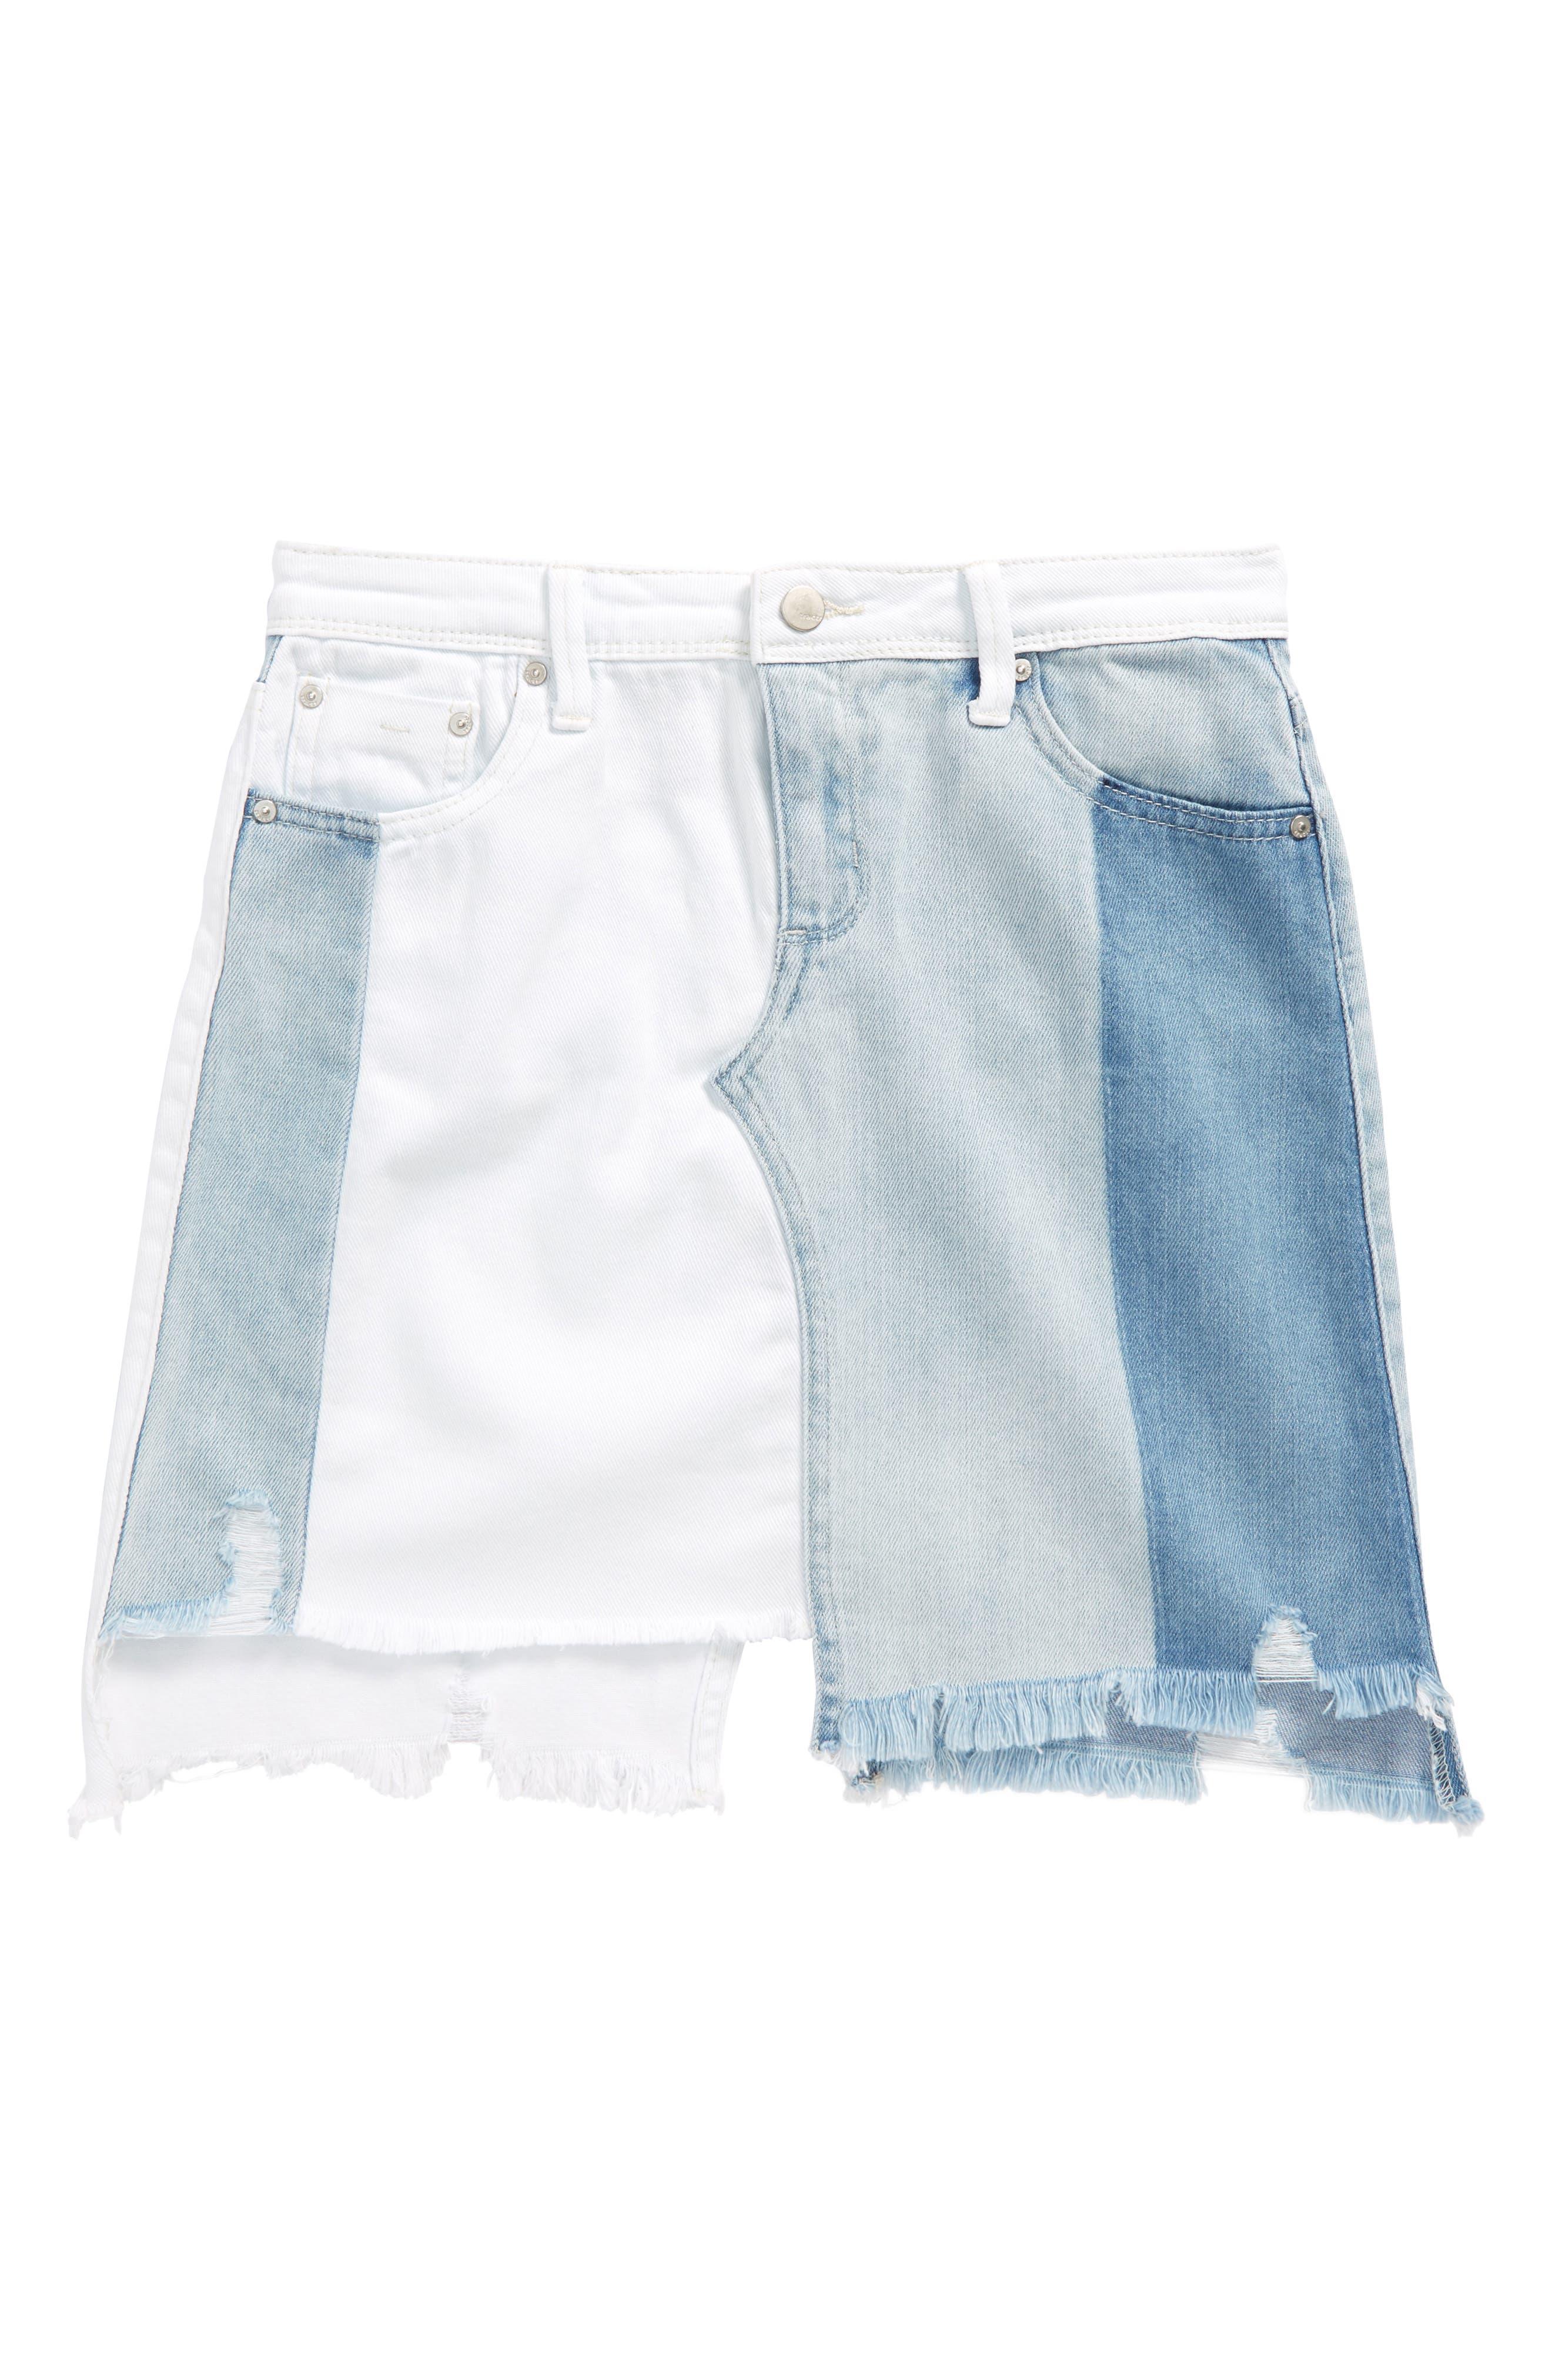 Patchwork Denim Skirt,                         Main,                         color, White/ Indigo